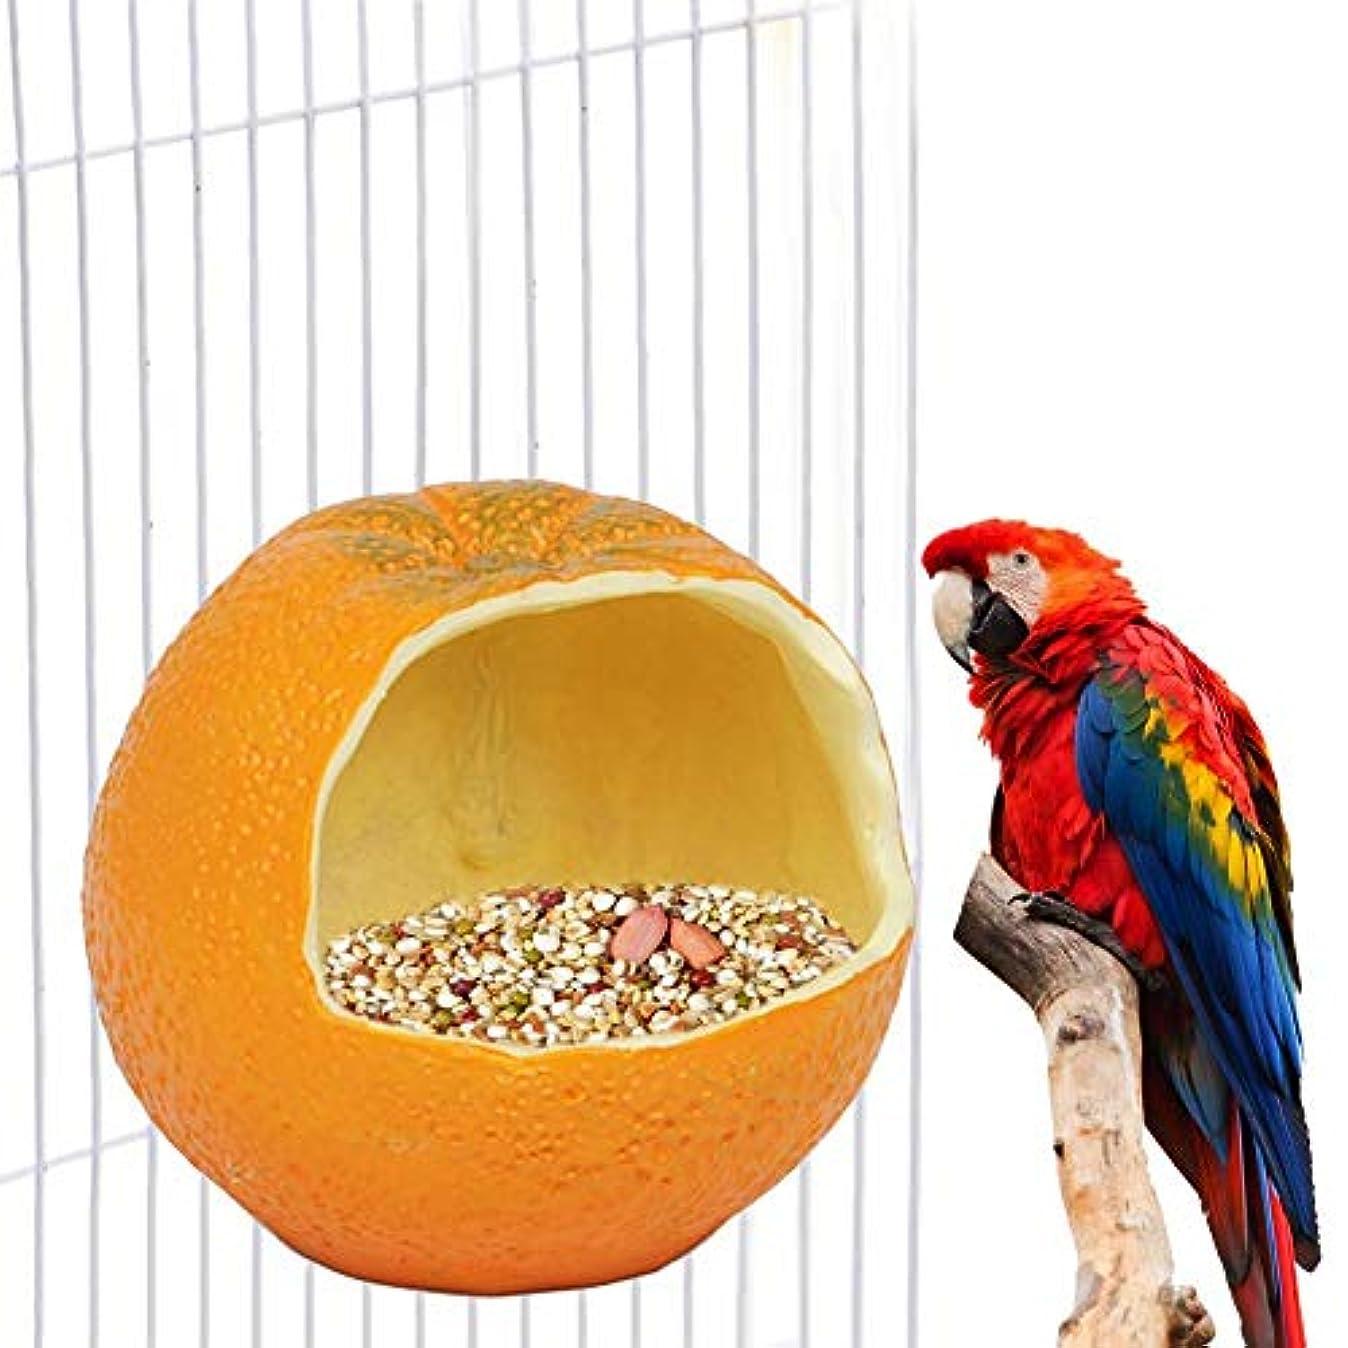 ルネッサンス定期的終点Per Pet バードフィーダー オレンジ 可愛い 野鳥の餌台 鳥餌箱 自動給餌器 鳥用 エサ入れ 餌やり 取り付け簡単 餌入れ箱 インコ オウム 文鳥 鳥かご汎用